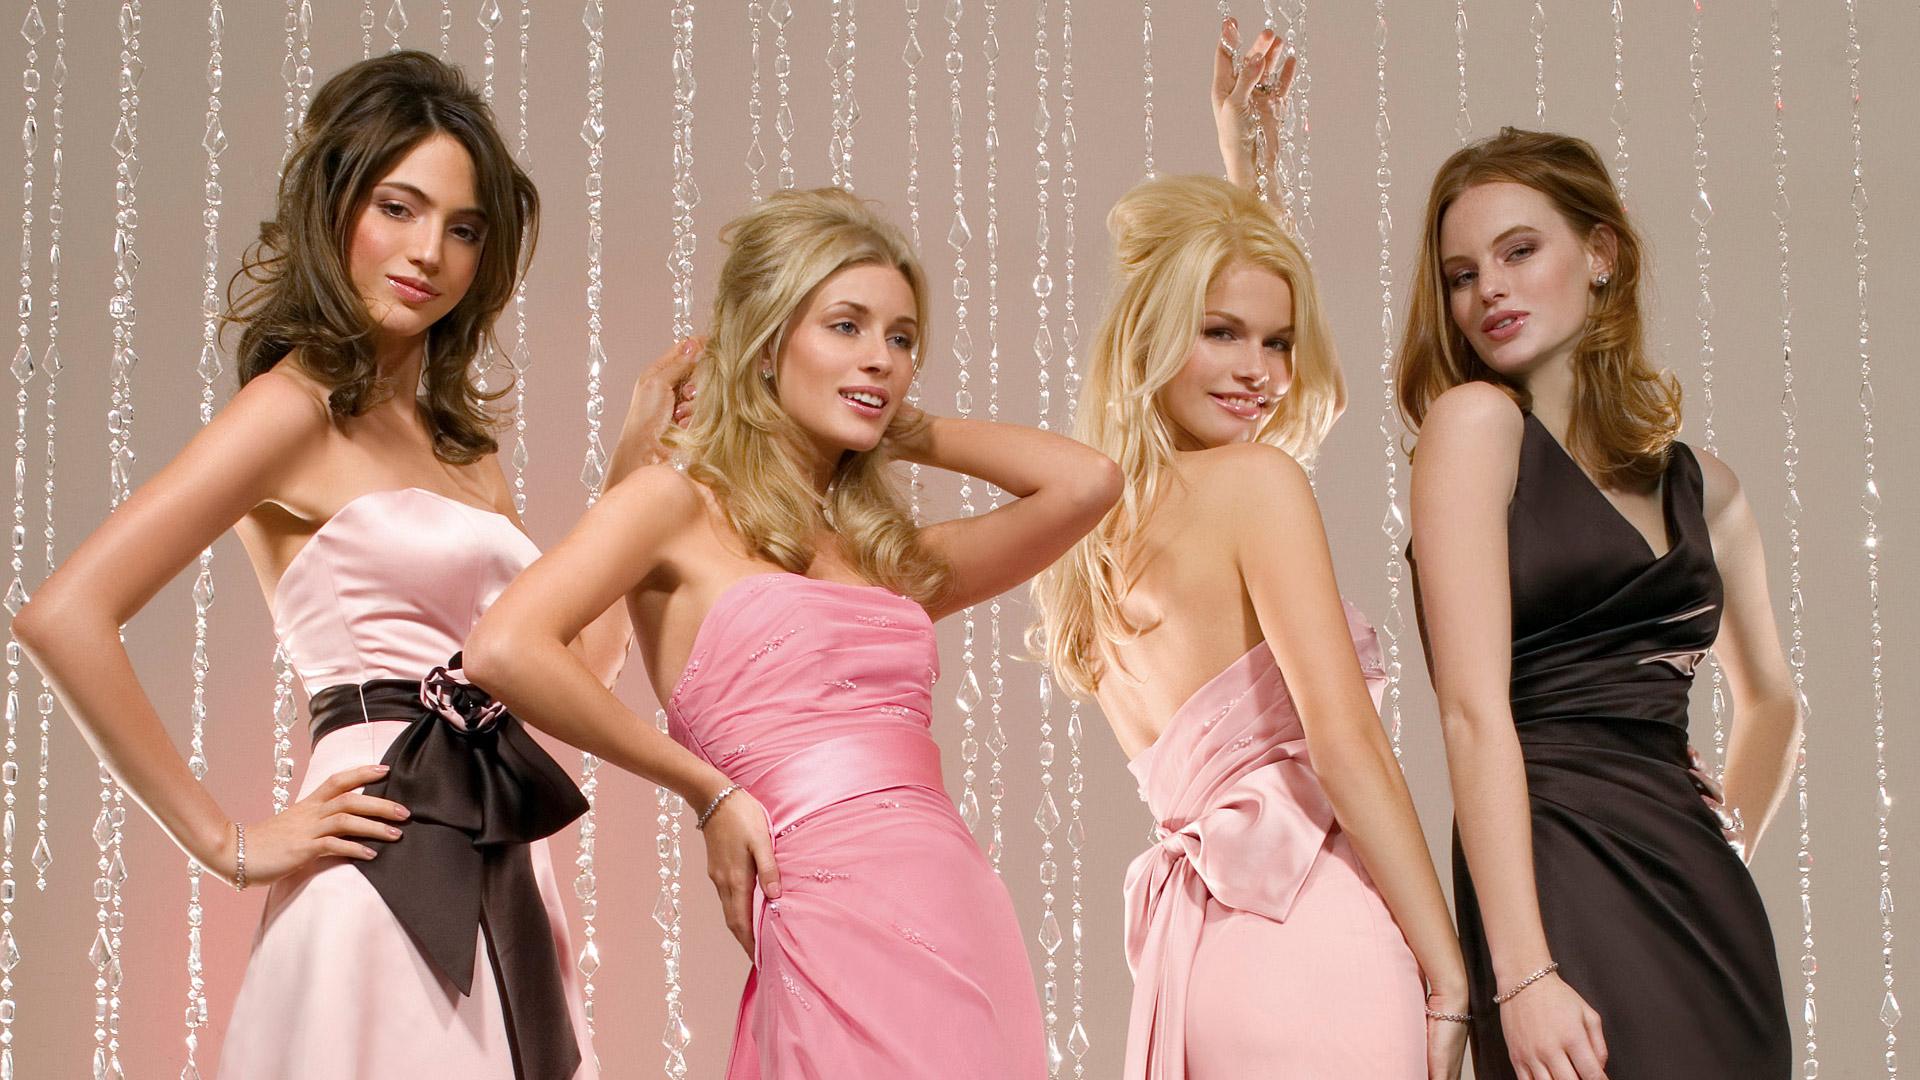 Скачать фото девушек вечерних платьях